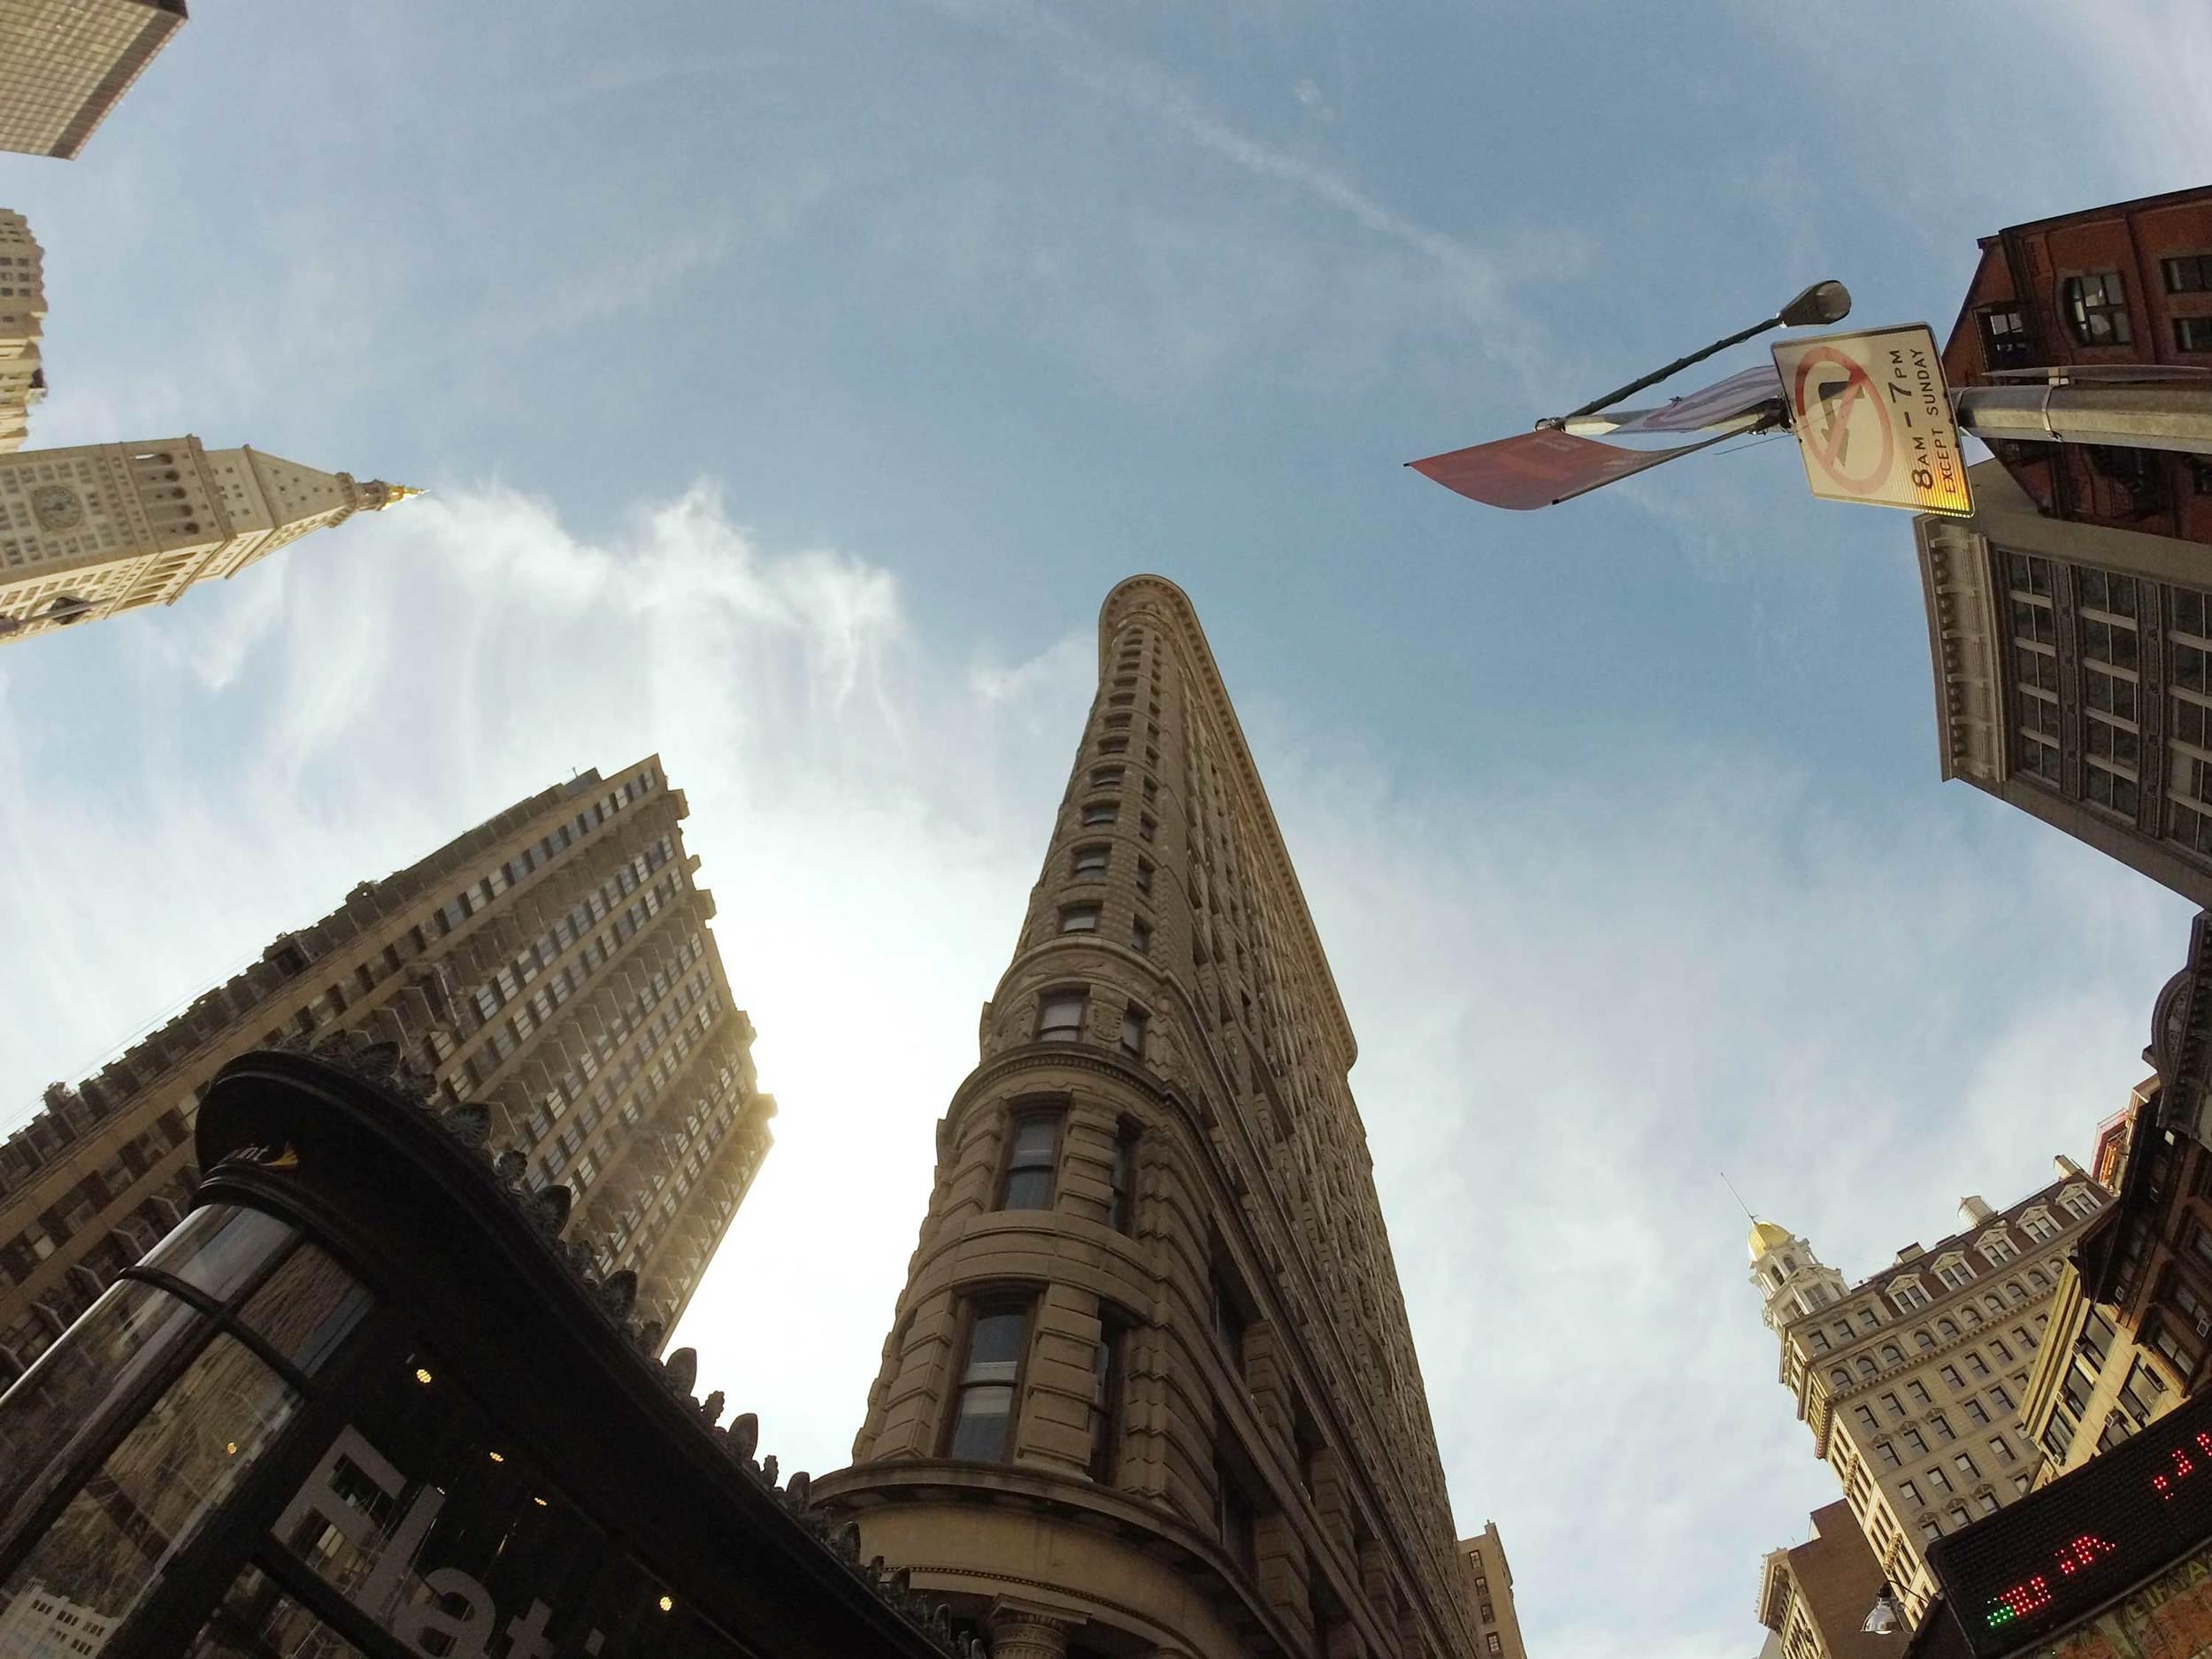 The Flatiron Building, Manhattan